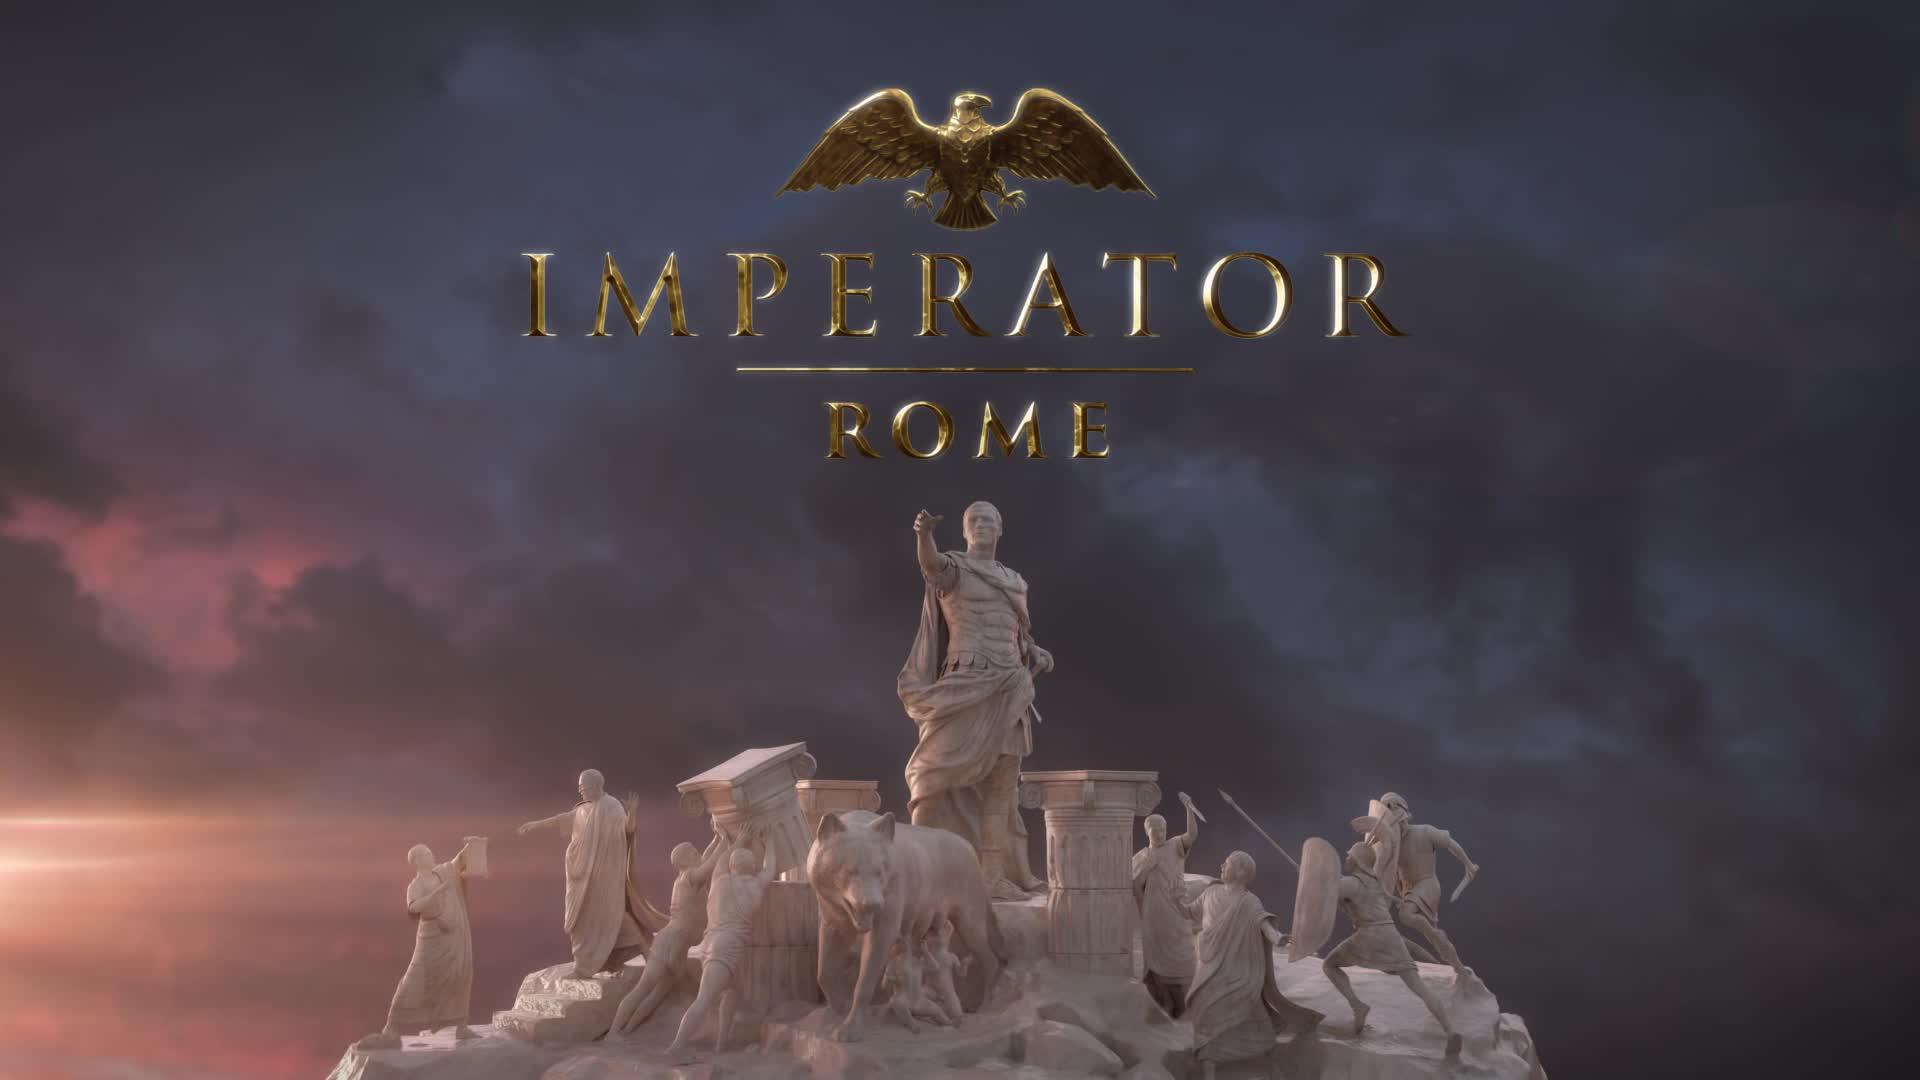 Анонсирована глобальная стратегия Imperator: Rome. Опубликован первый трейлер